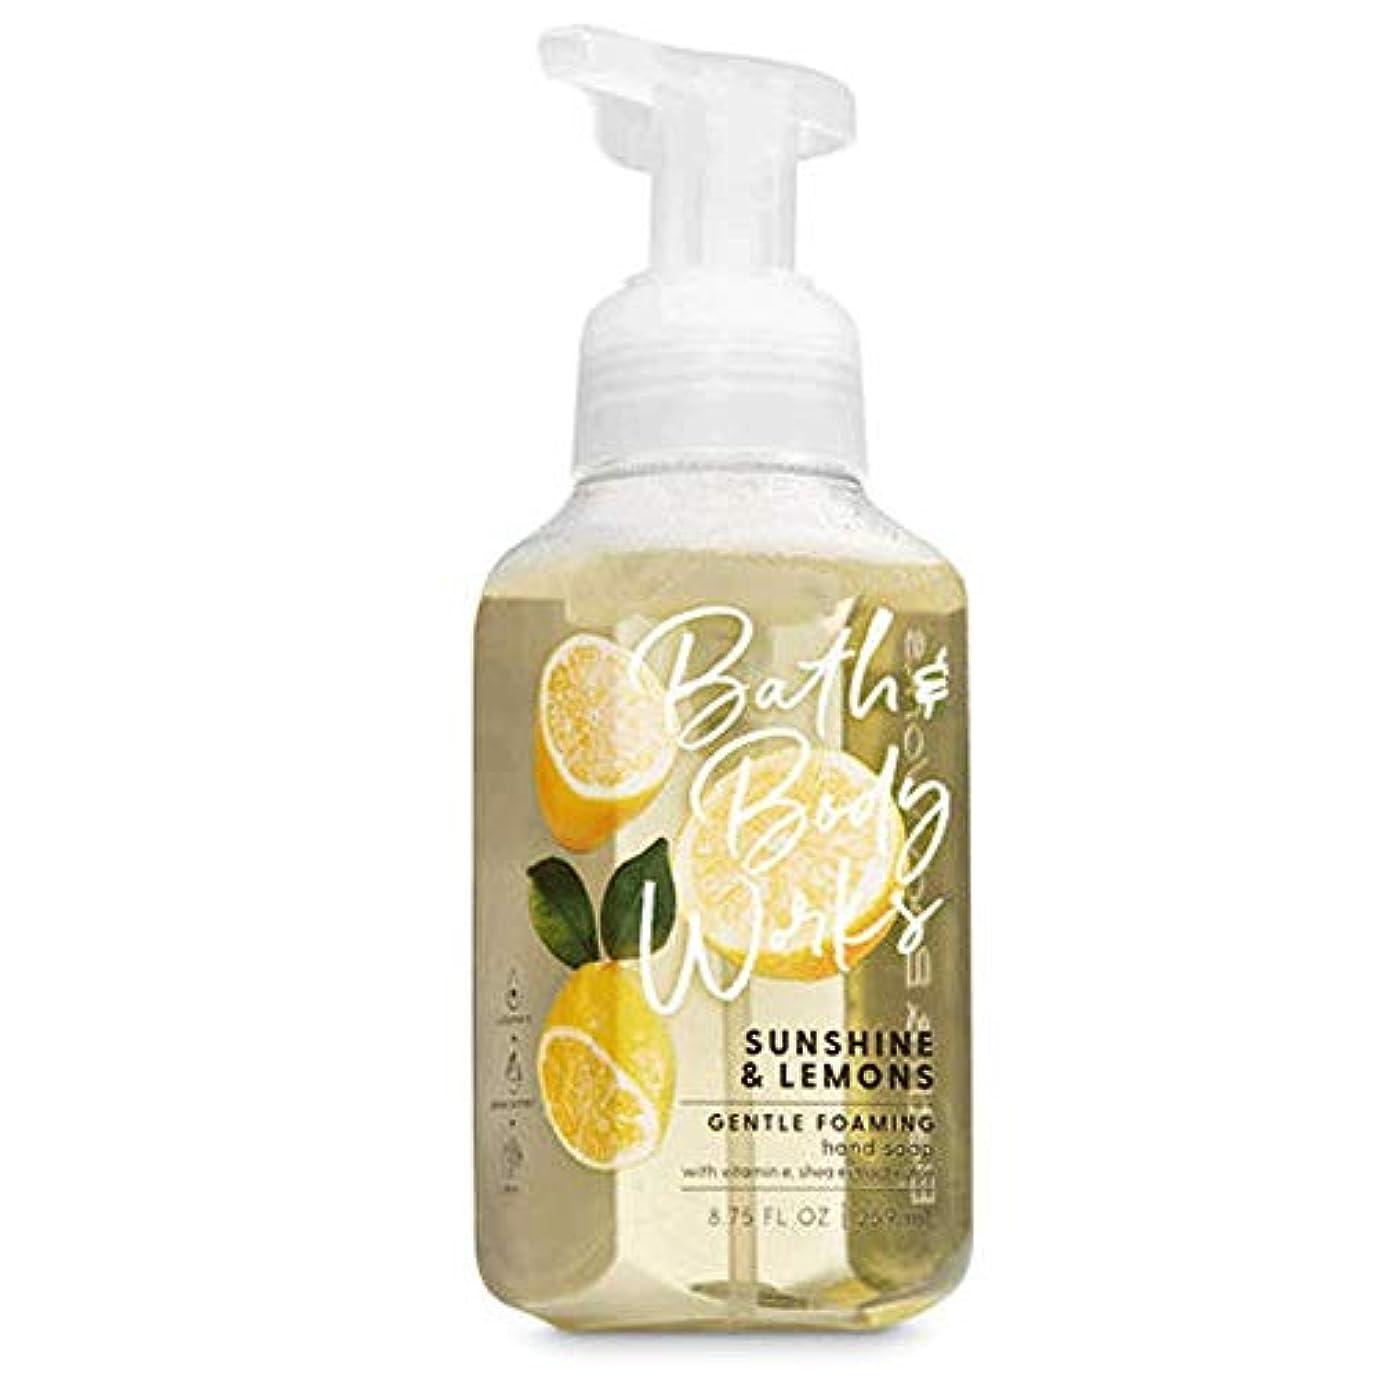 農業デマンドエスカレートバス&ボディワークス サンシャインレモン ジェントル フォーミング ハンドソープ Sunshine & Lemons Gentle Foaming Hand Soap